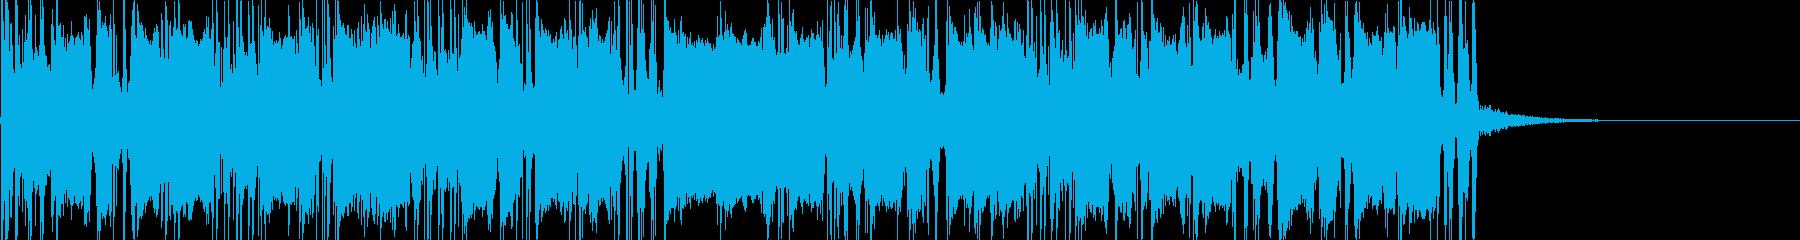 カッティングギターのダブルの再生済みの波形